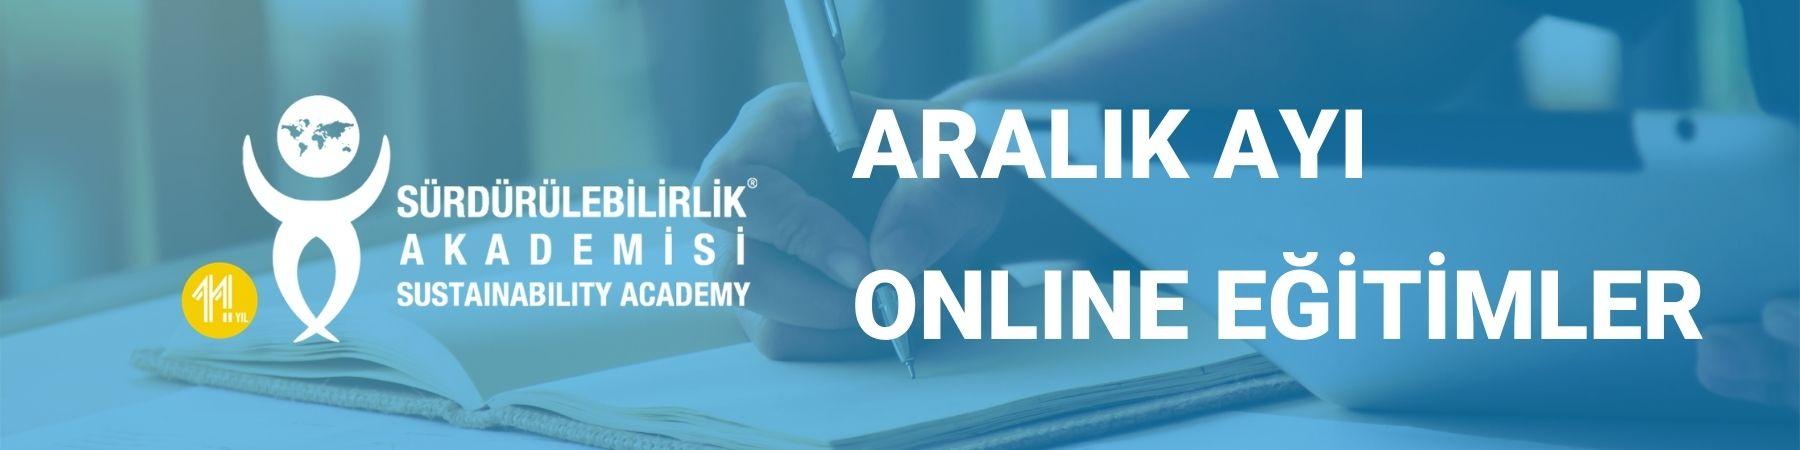 Sürdürülebilirlik Akademisi Aralık 2020 Online Eğitimler